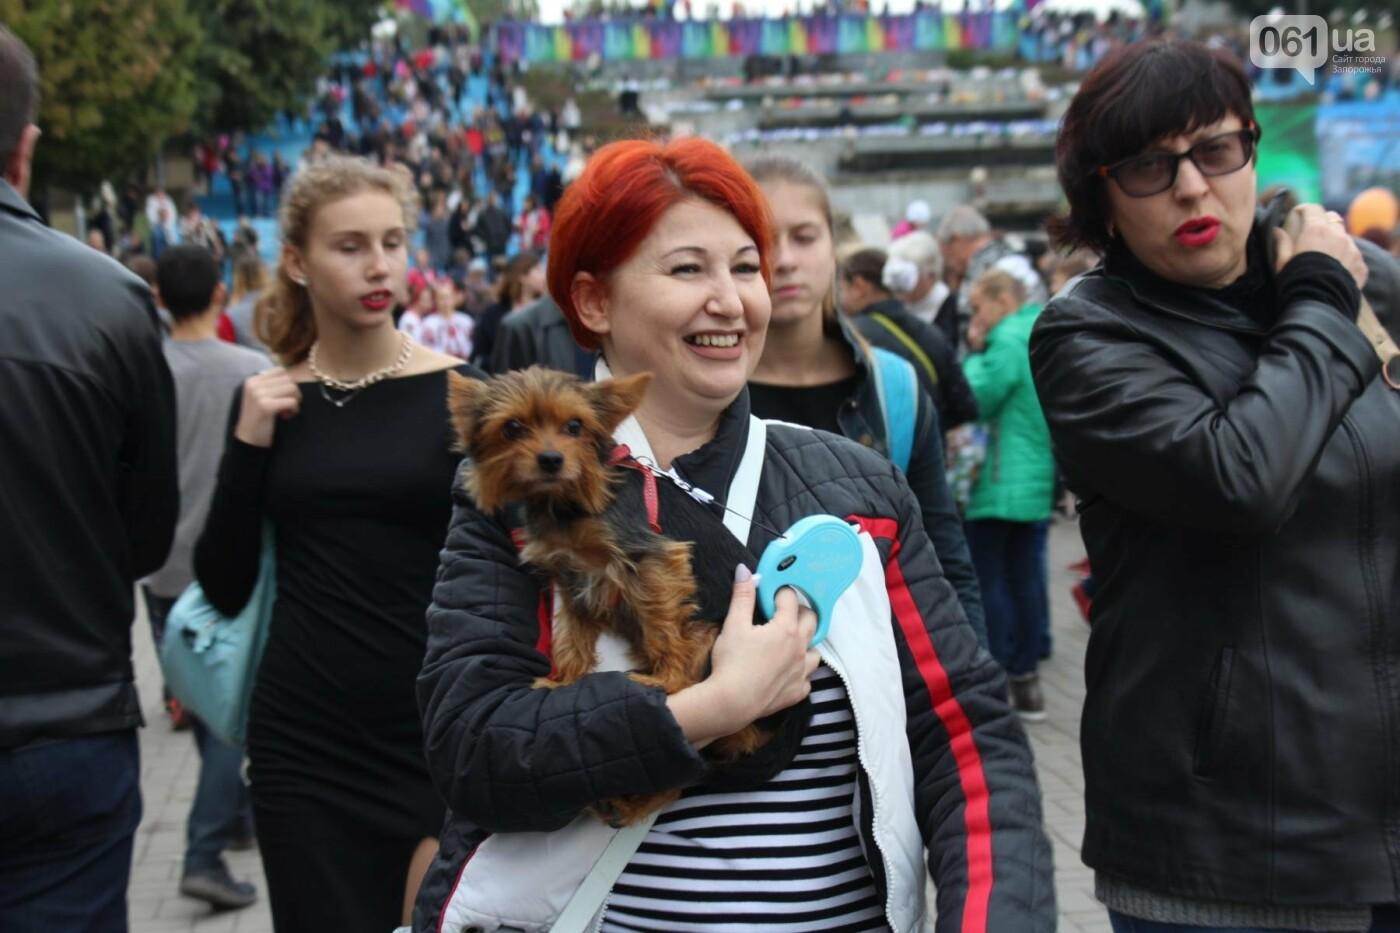 Найди себя: 55 портретов посетителей Покровской ярмарки в Запорожье, - ФОТО , фото-11